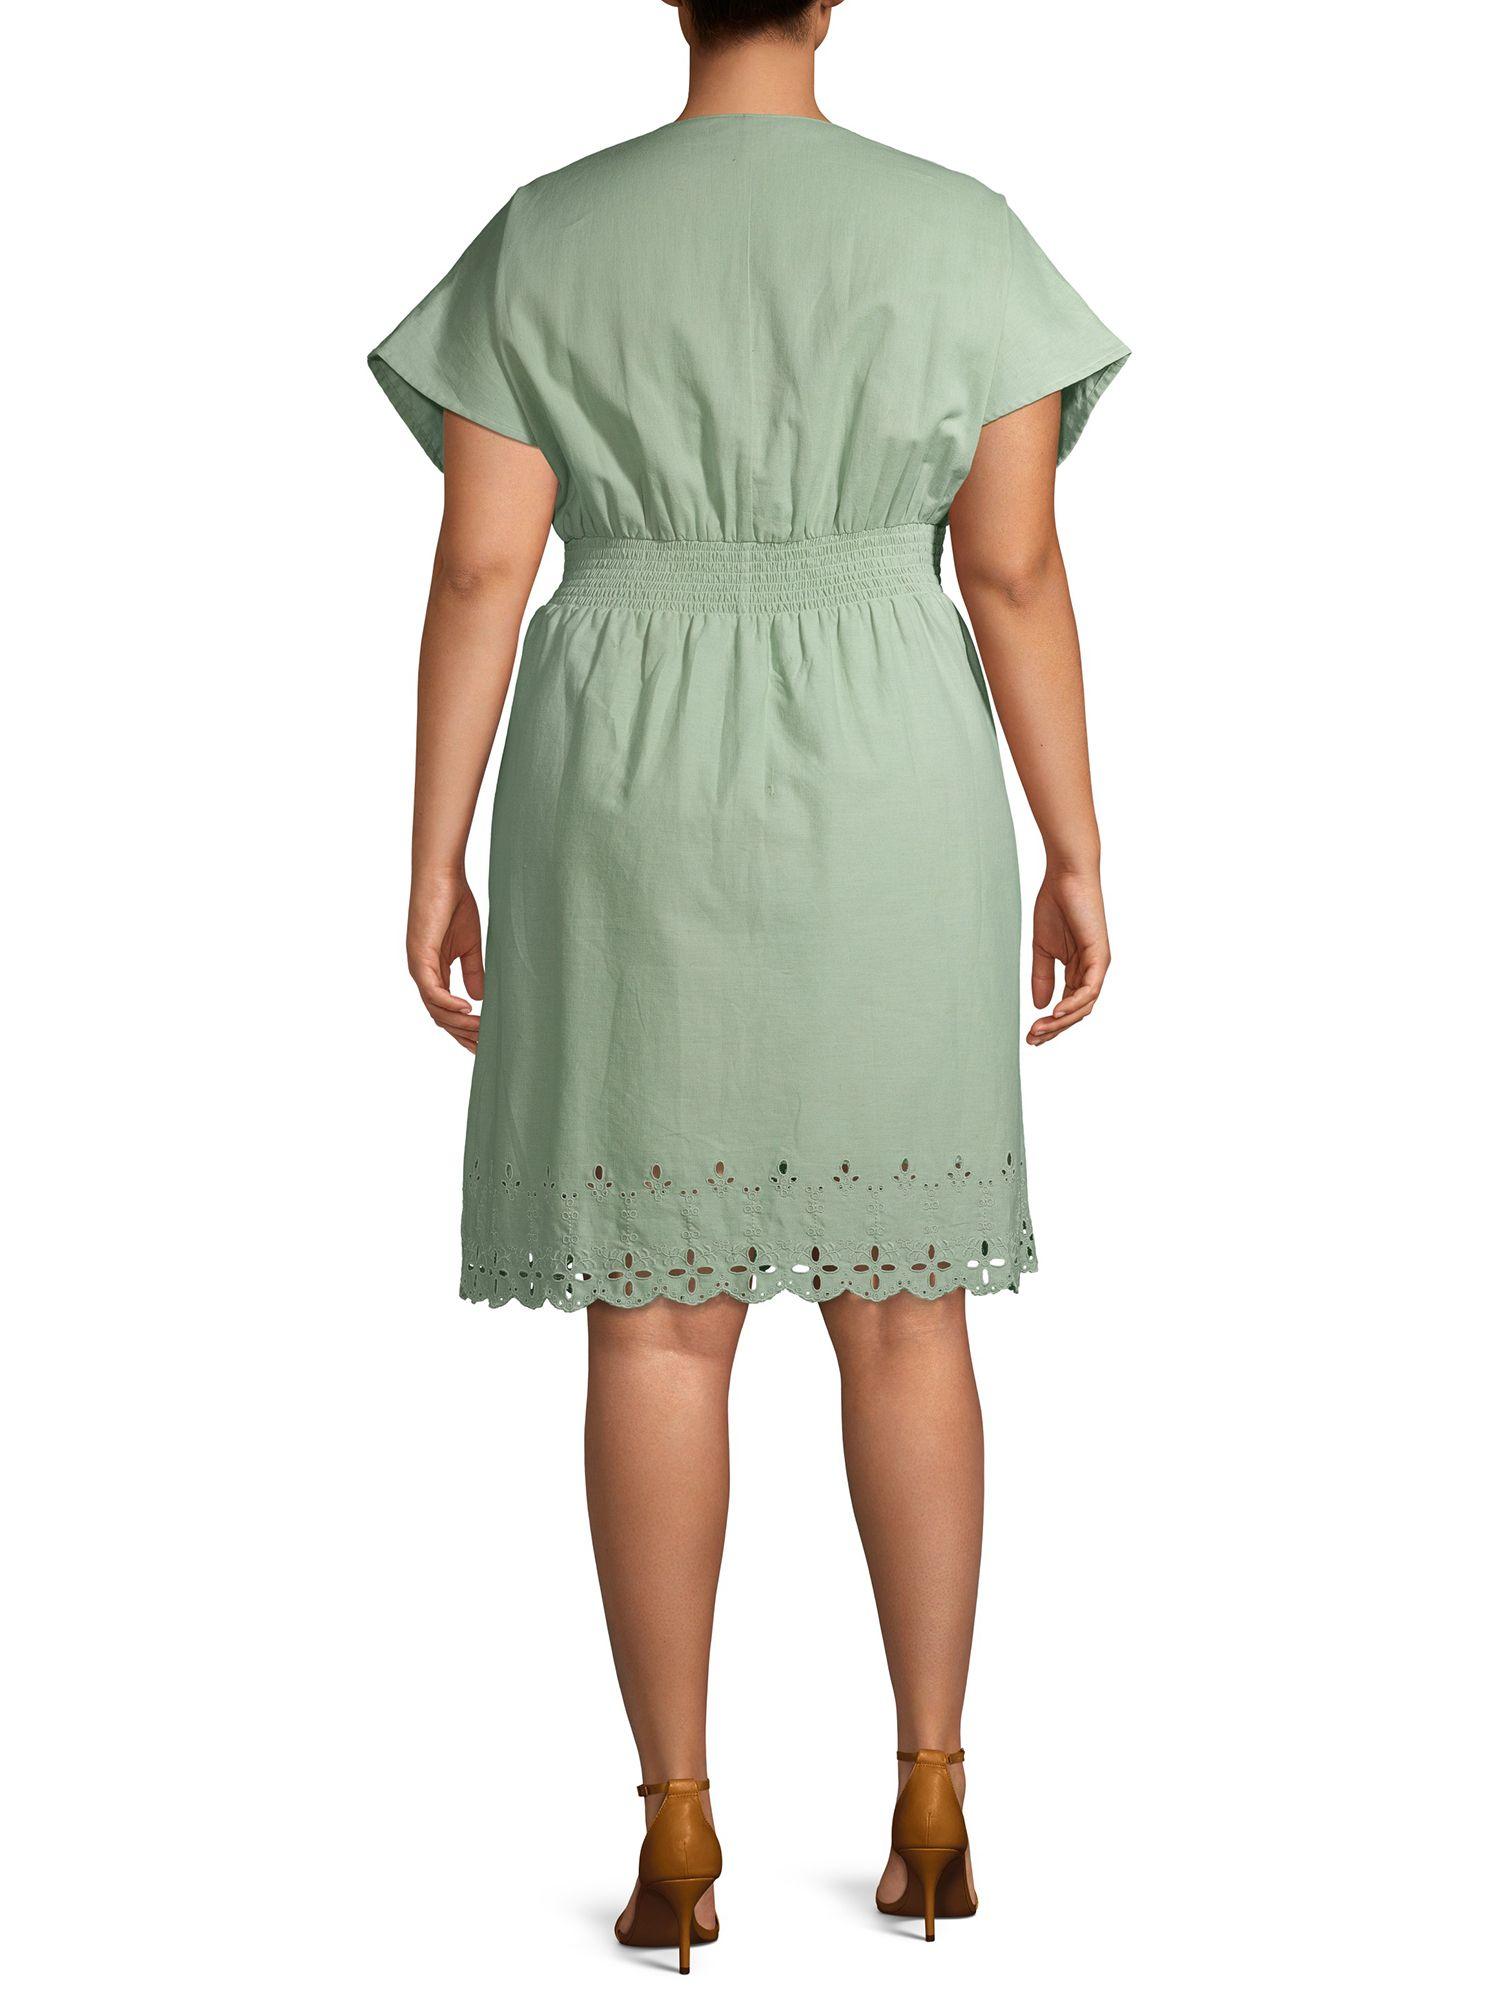 Pin On Chiffon Dresses [ 2000 x 1500 Pixel ]